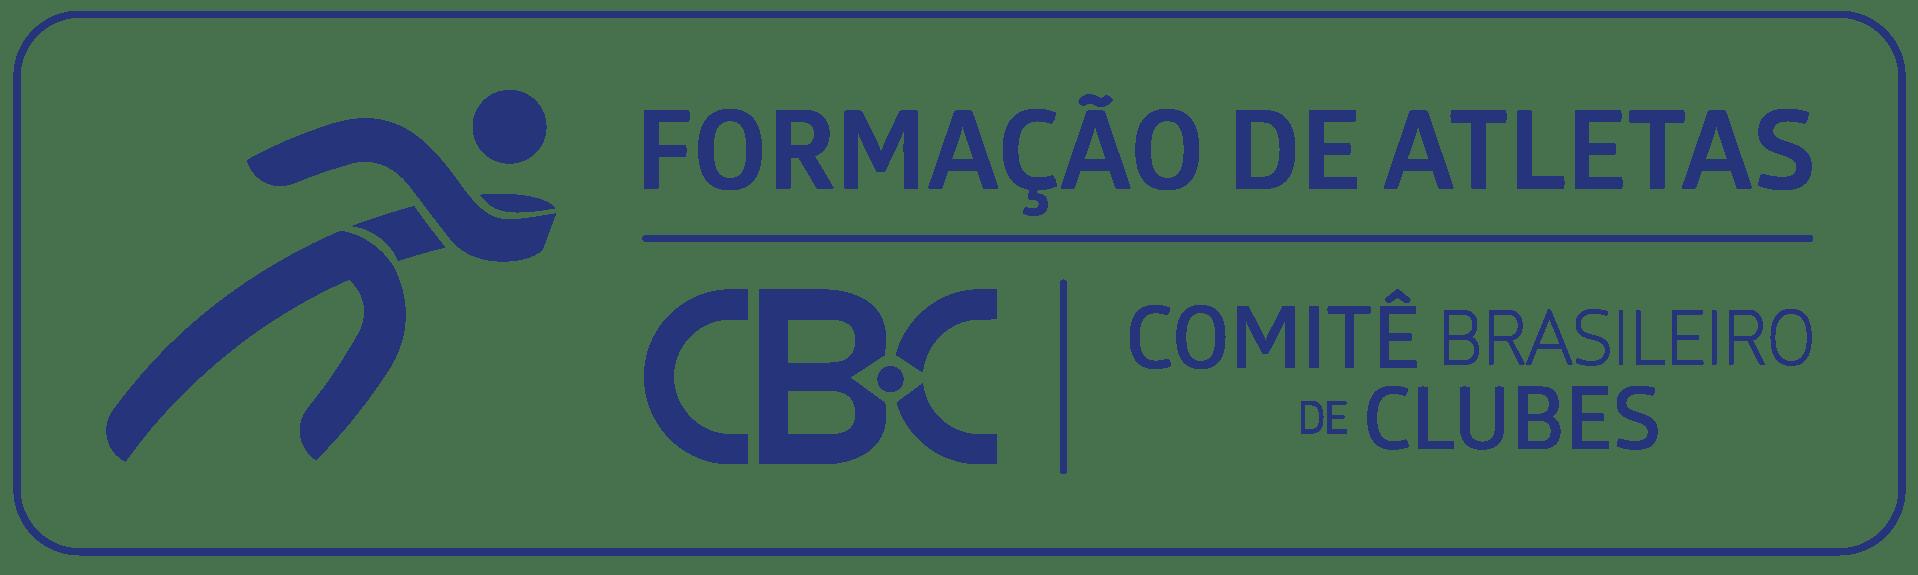 selo-formacao-atletas-cbc-azul